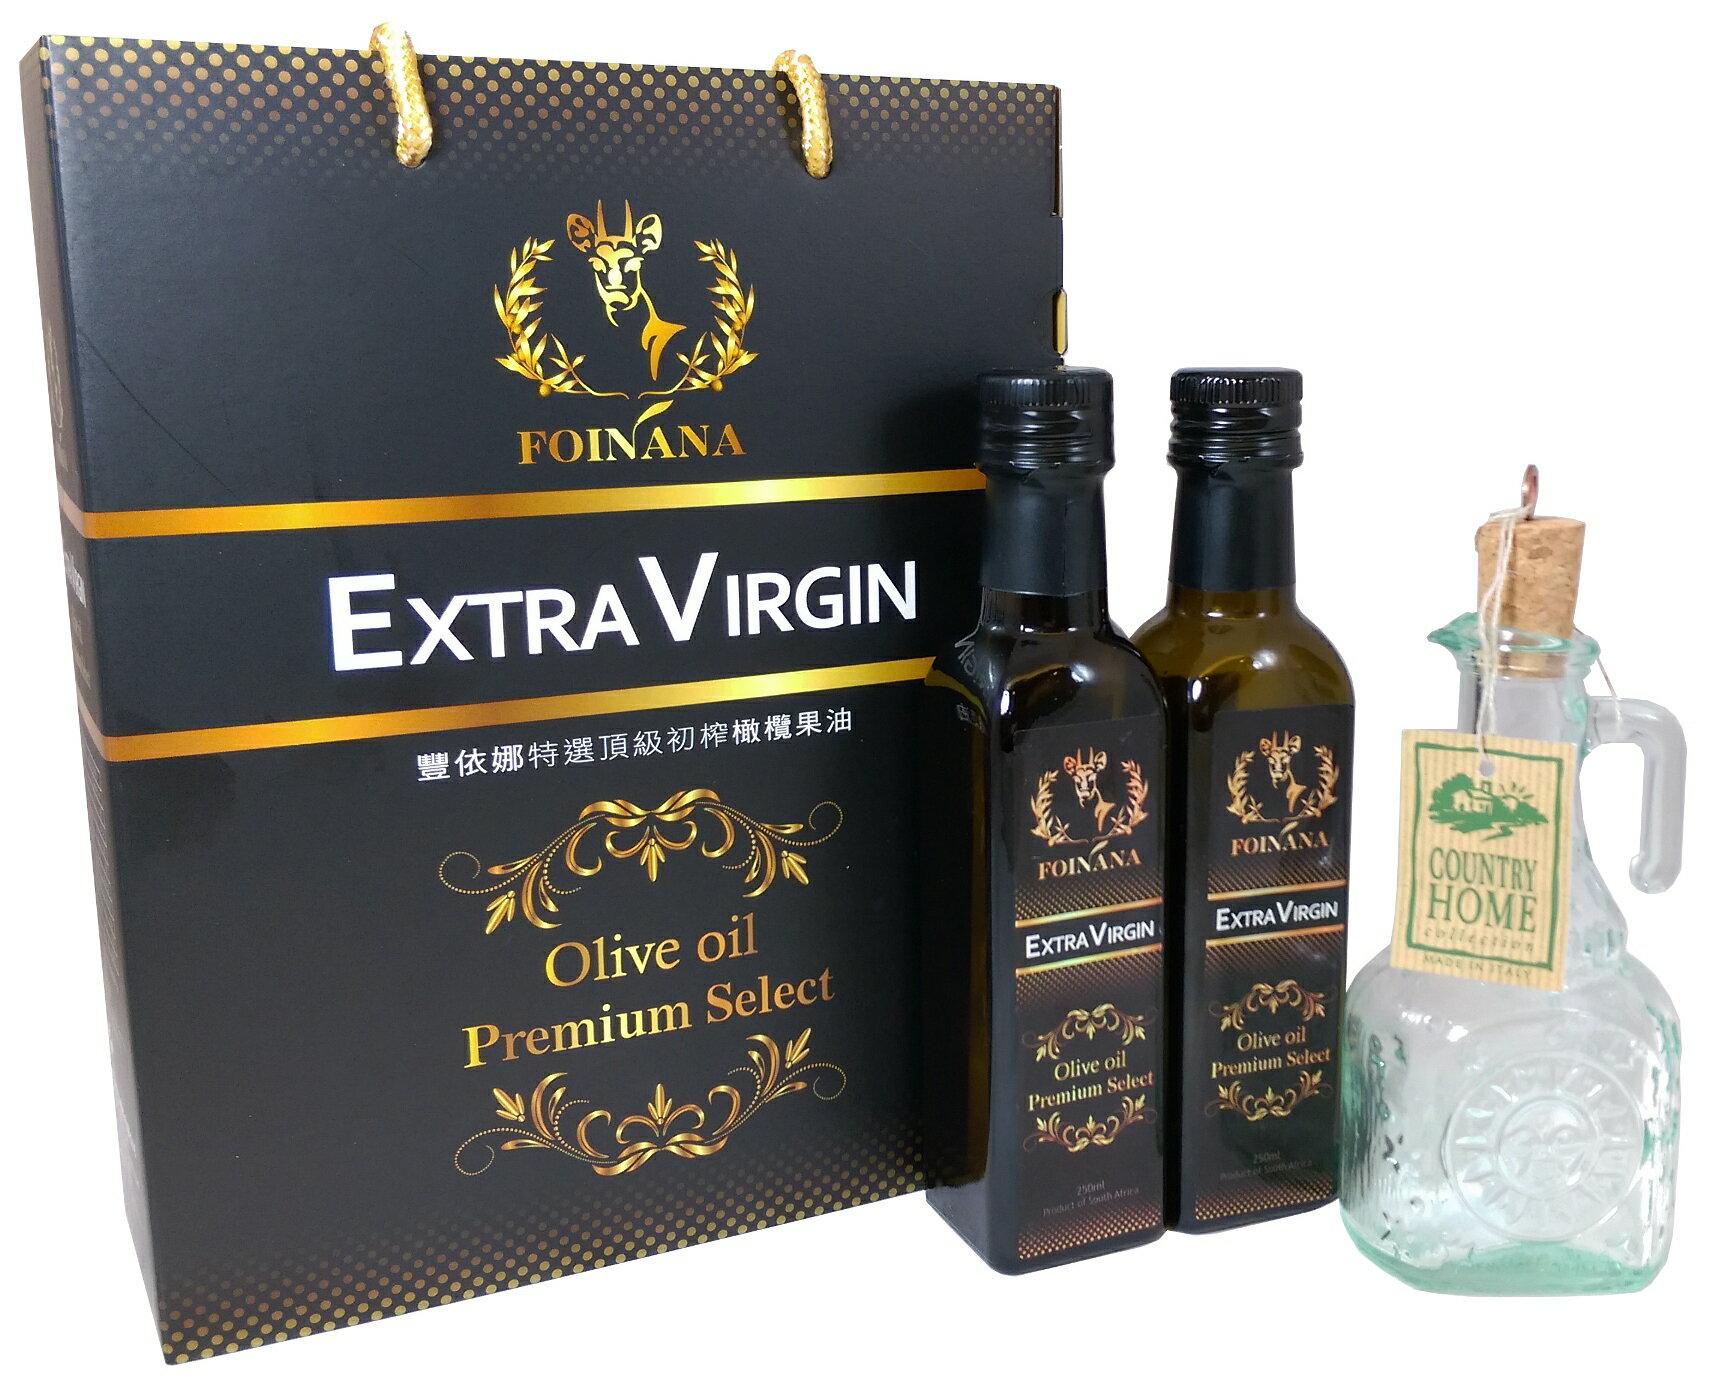 豐依娜特選初榨橄欖果油 ( 進口鄉村油瓶裝 ) x 18組